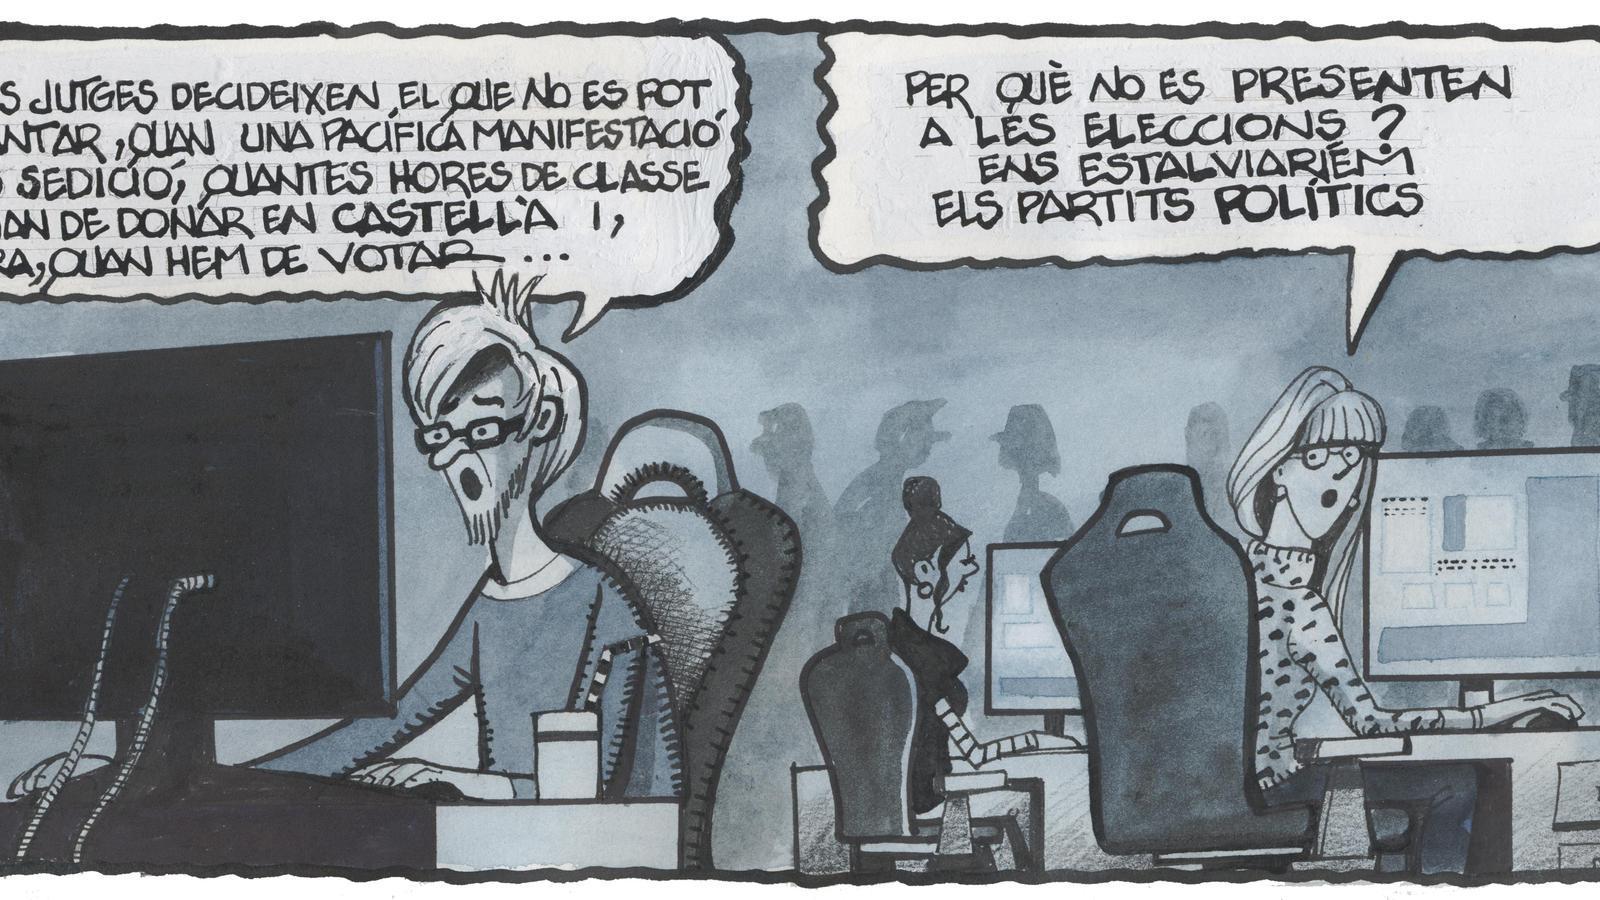 'A la contra', per Ferreres 21/01/2021